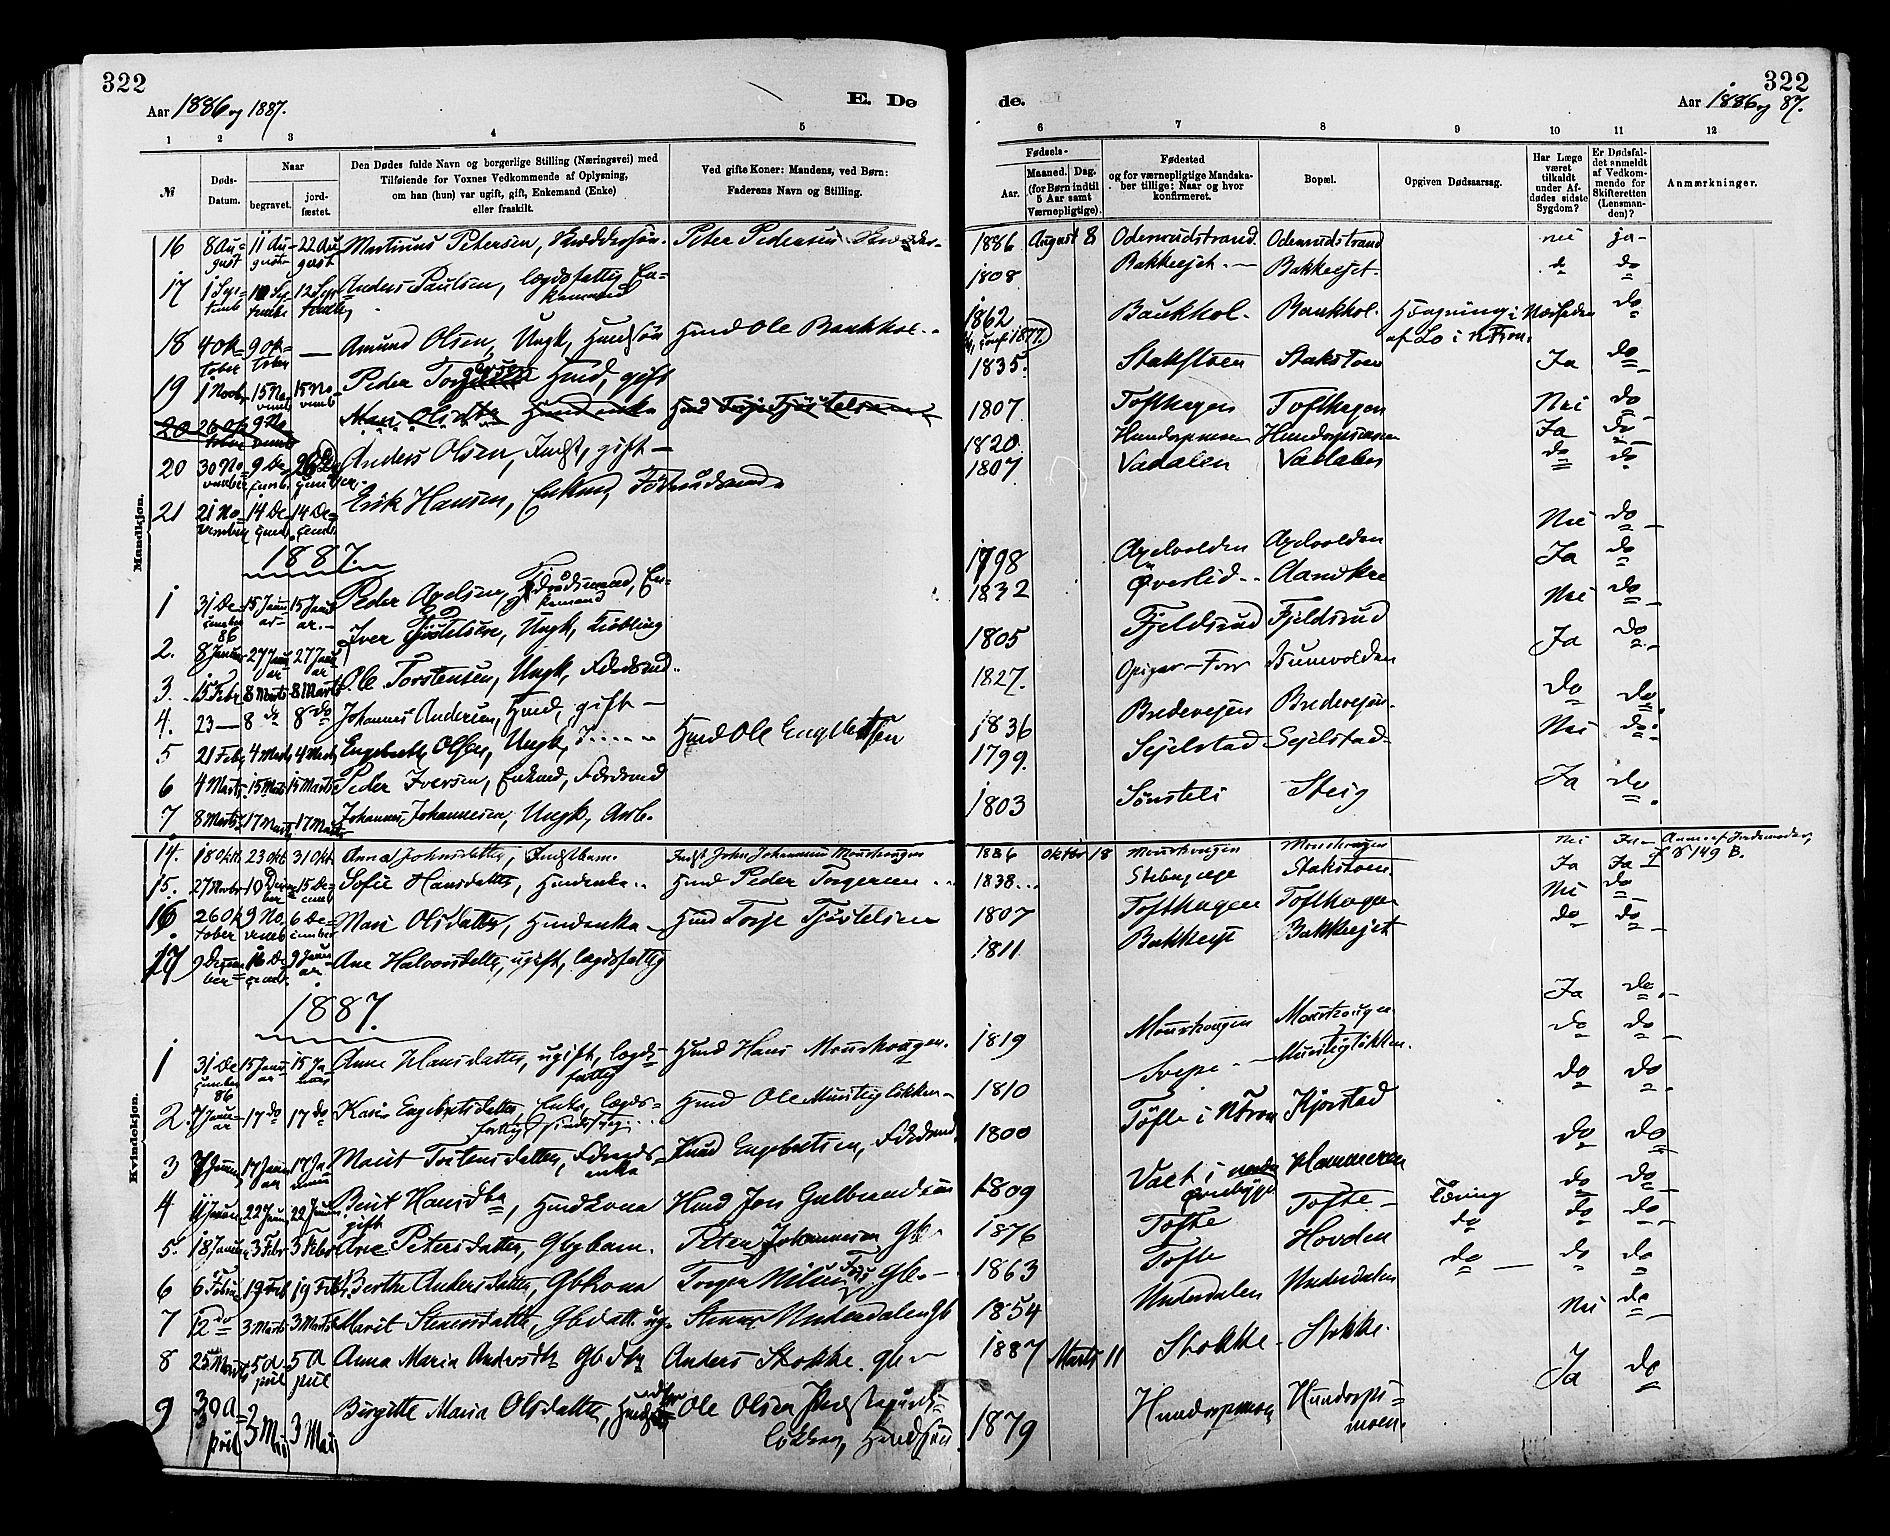 SAH, Sør-Fron prestekontor, H/Ha/Haa/L0003: Ministerialbok nr. 3, 1881-1897, s. 322